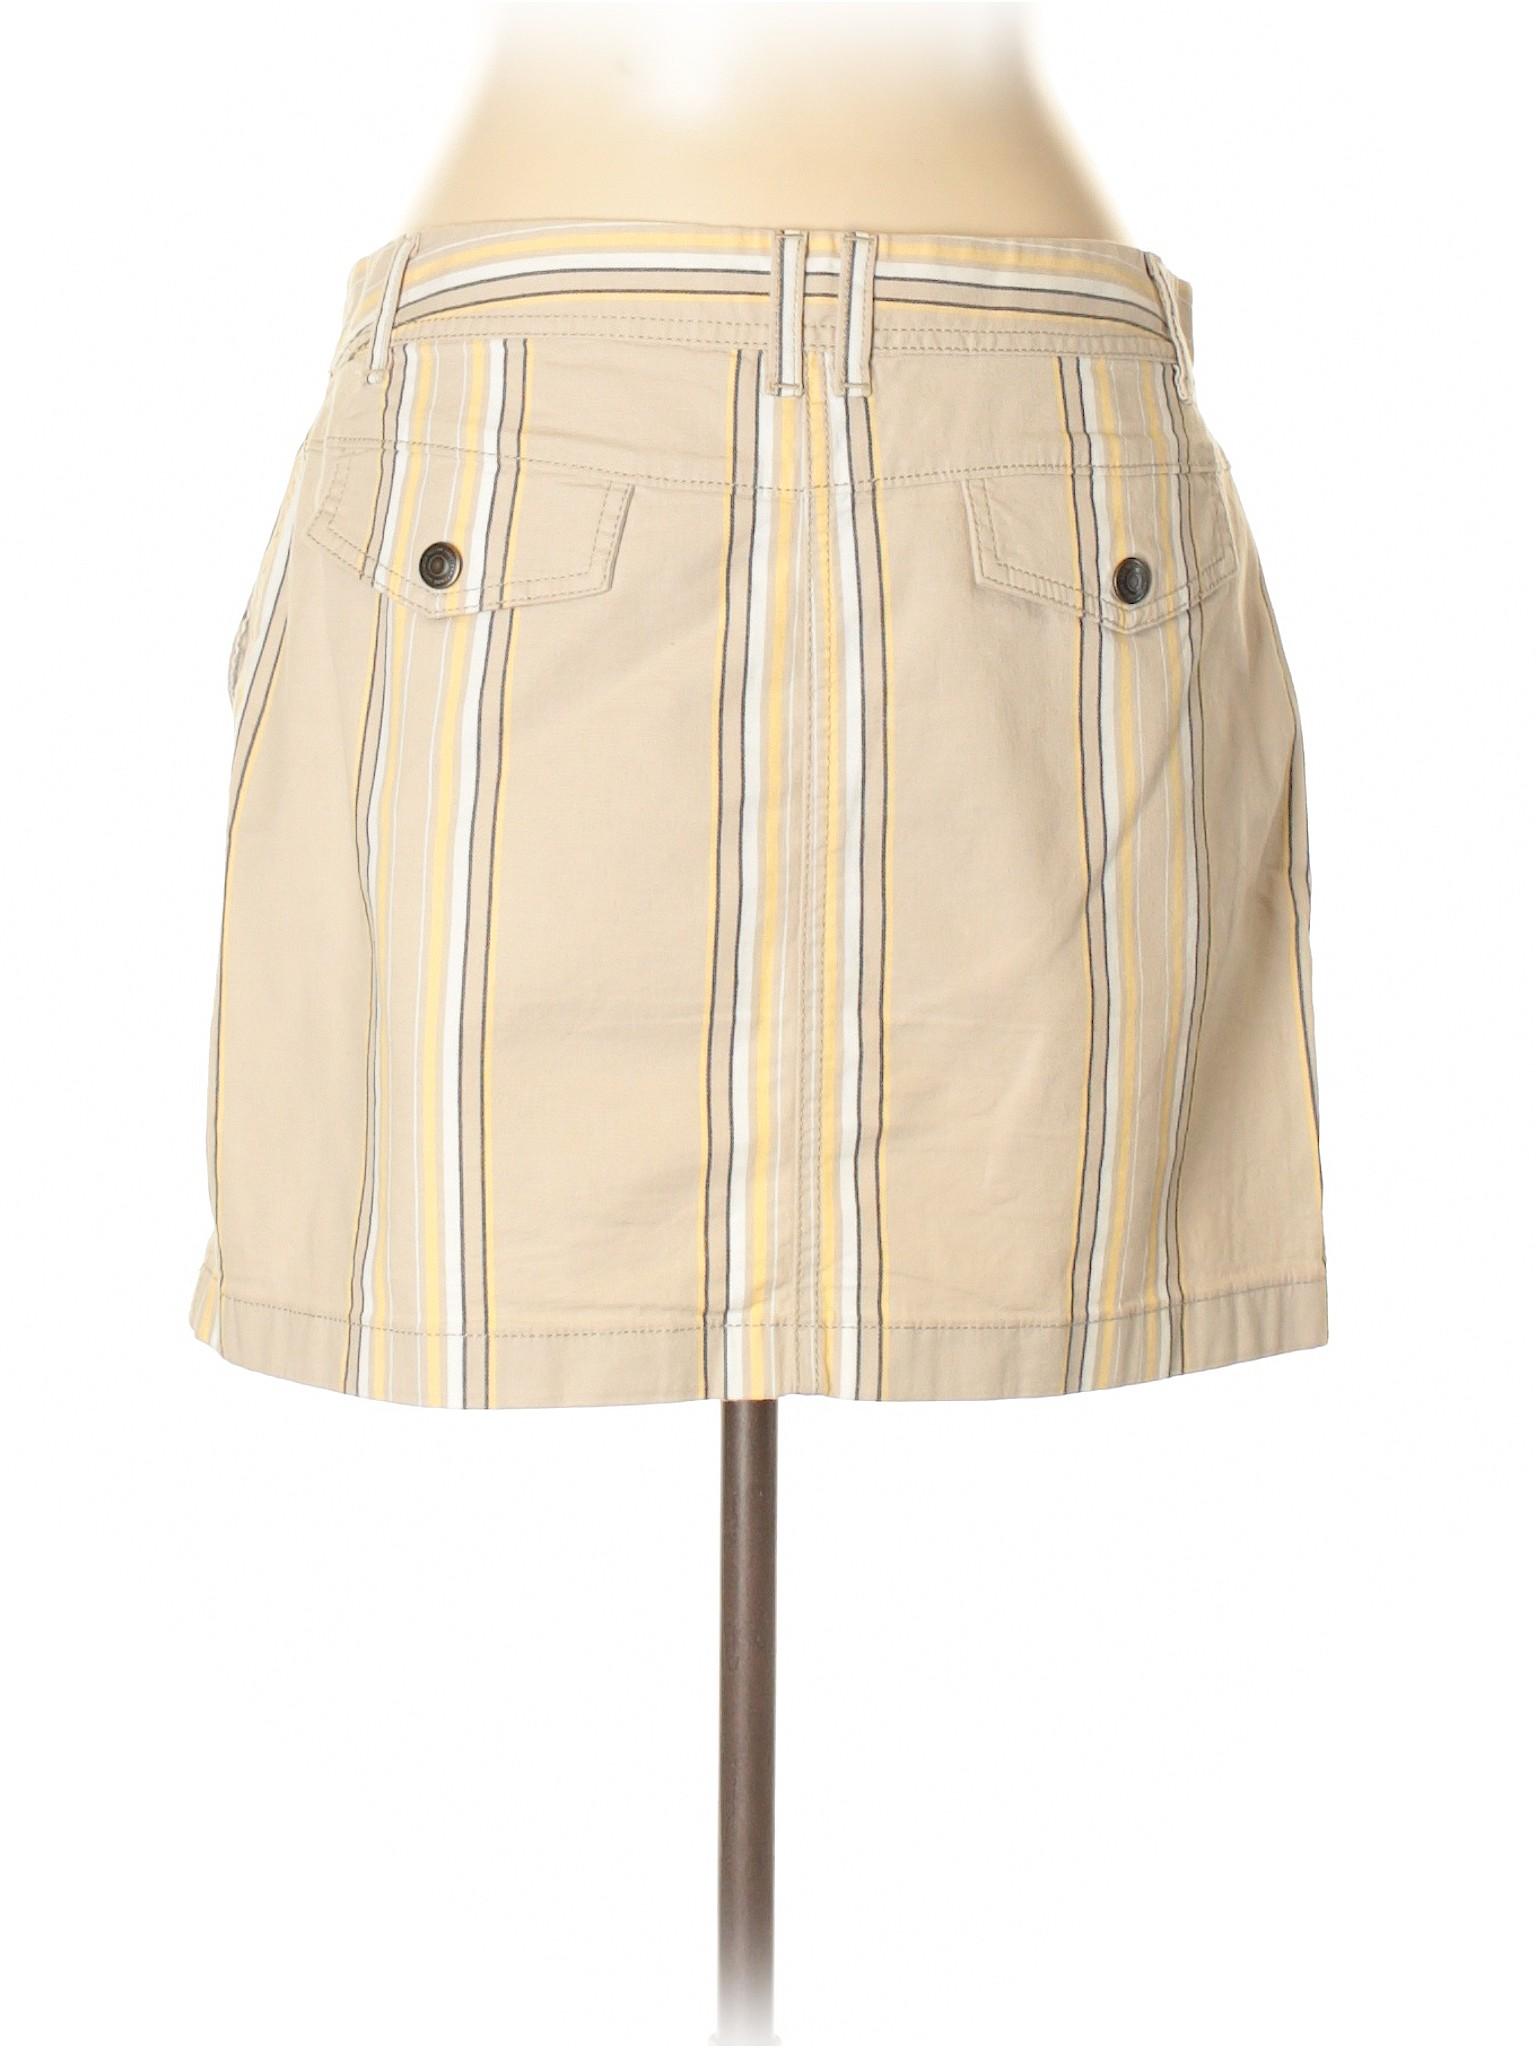 Taylor LOFT Casual Ann Skirt Boutique a5qB4w6